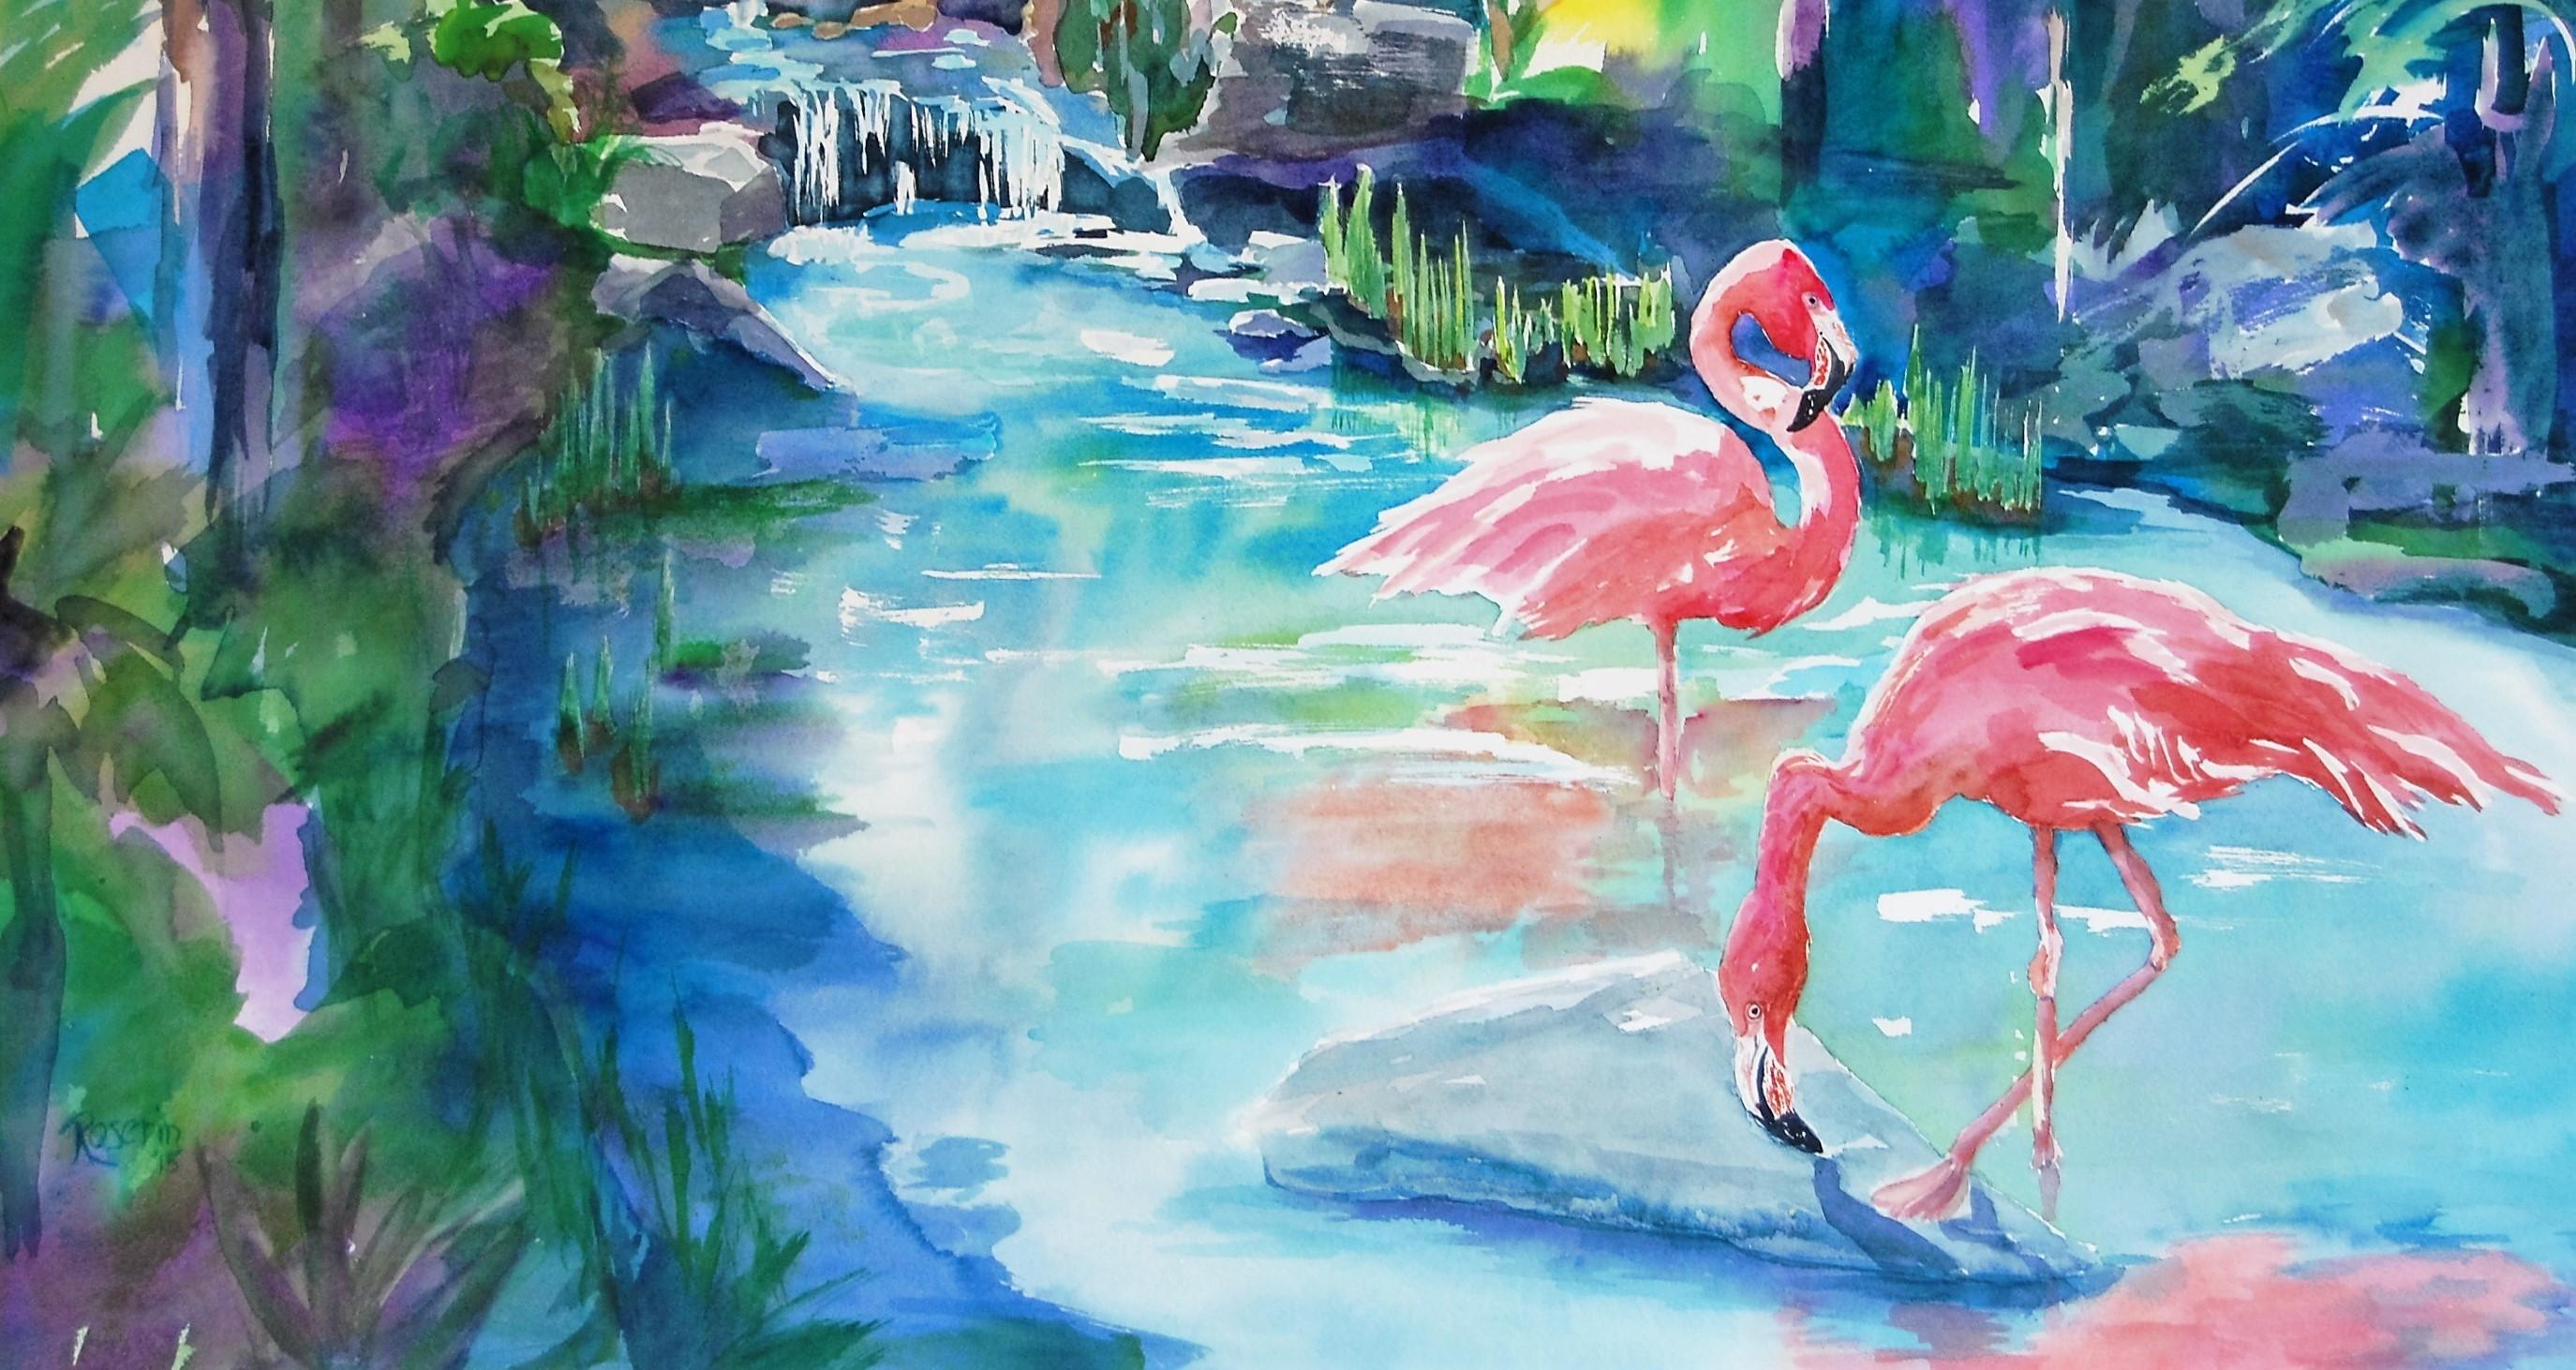 Caribbean Morning-22x30-Watercolor -$350